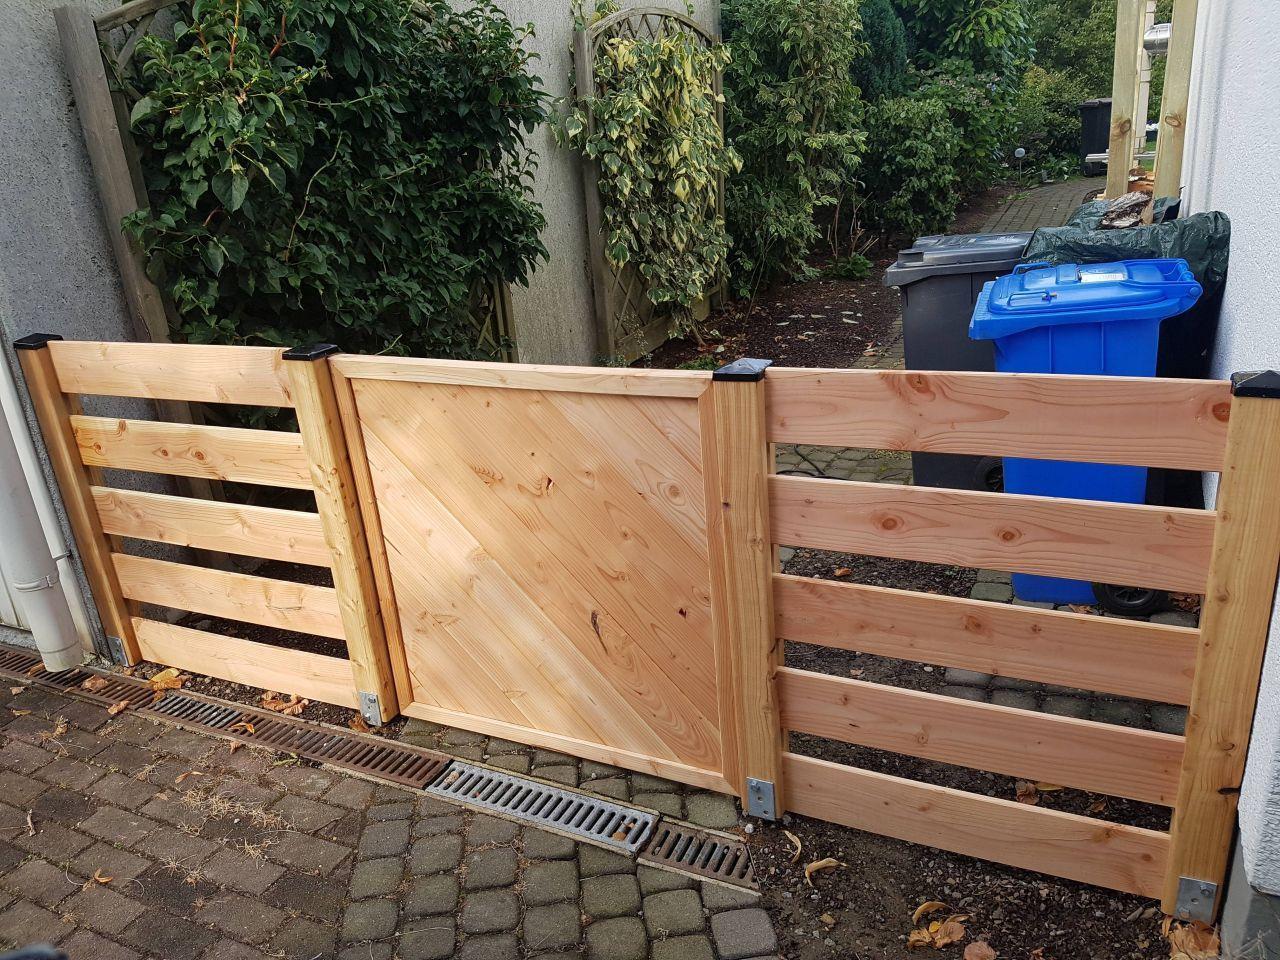 Gartenzaun Gartentor Holz Selber Bauen Gartenzaun Gartenzaun Selber Bauen